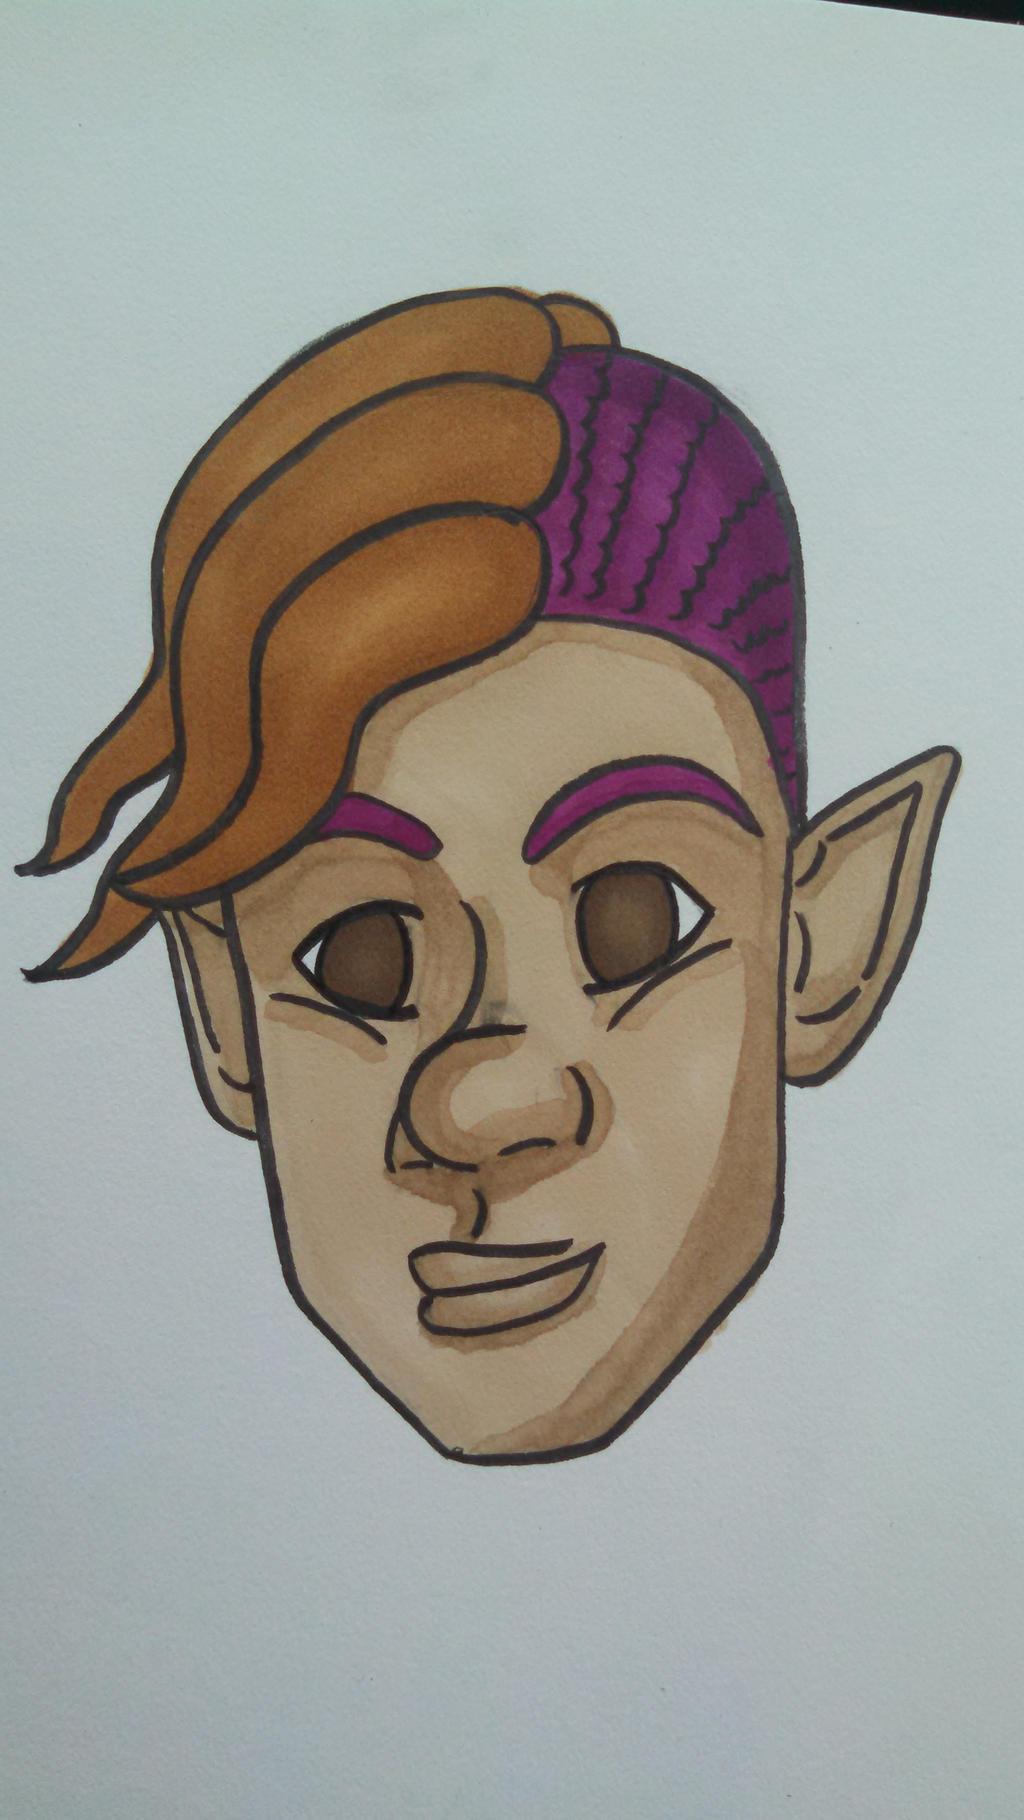 Elf by xelathegreat